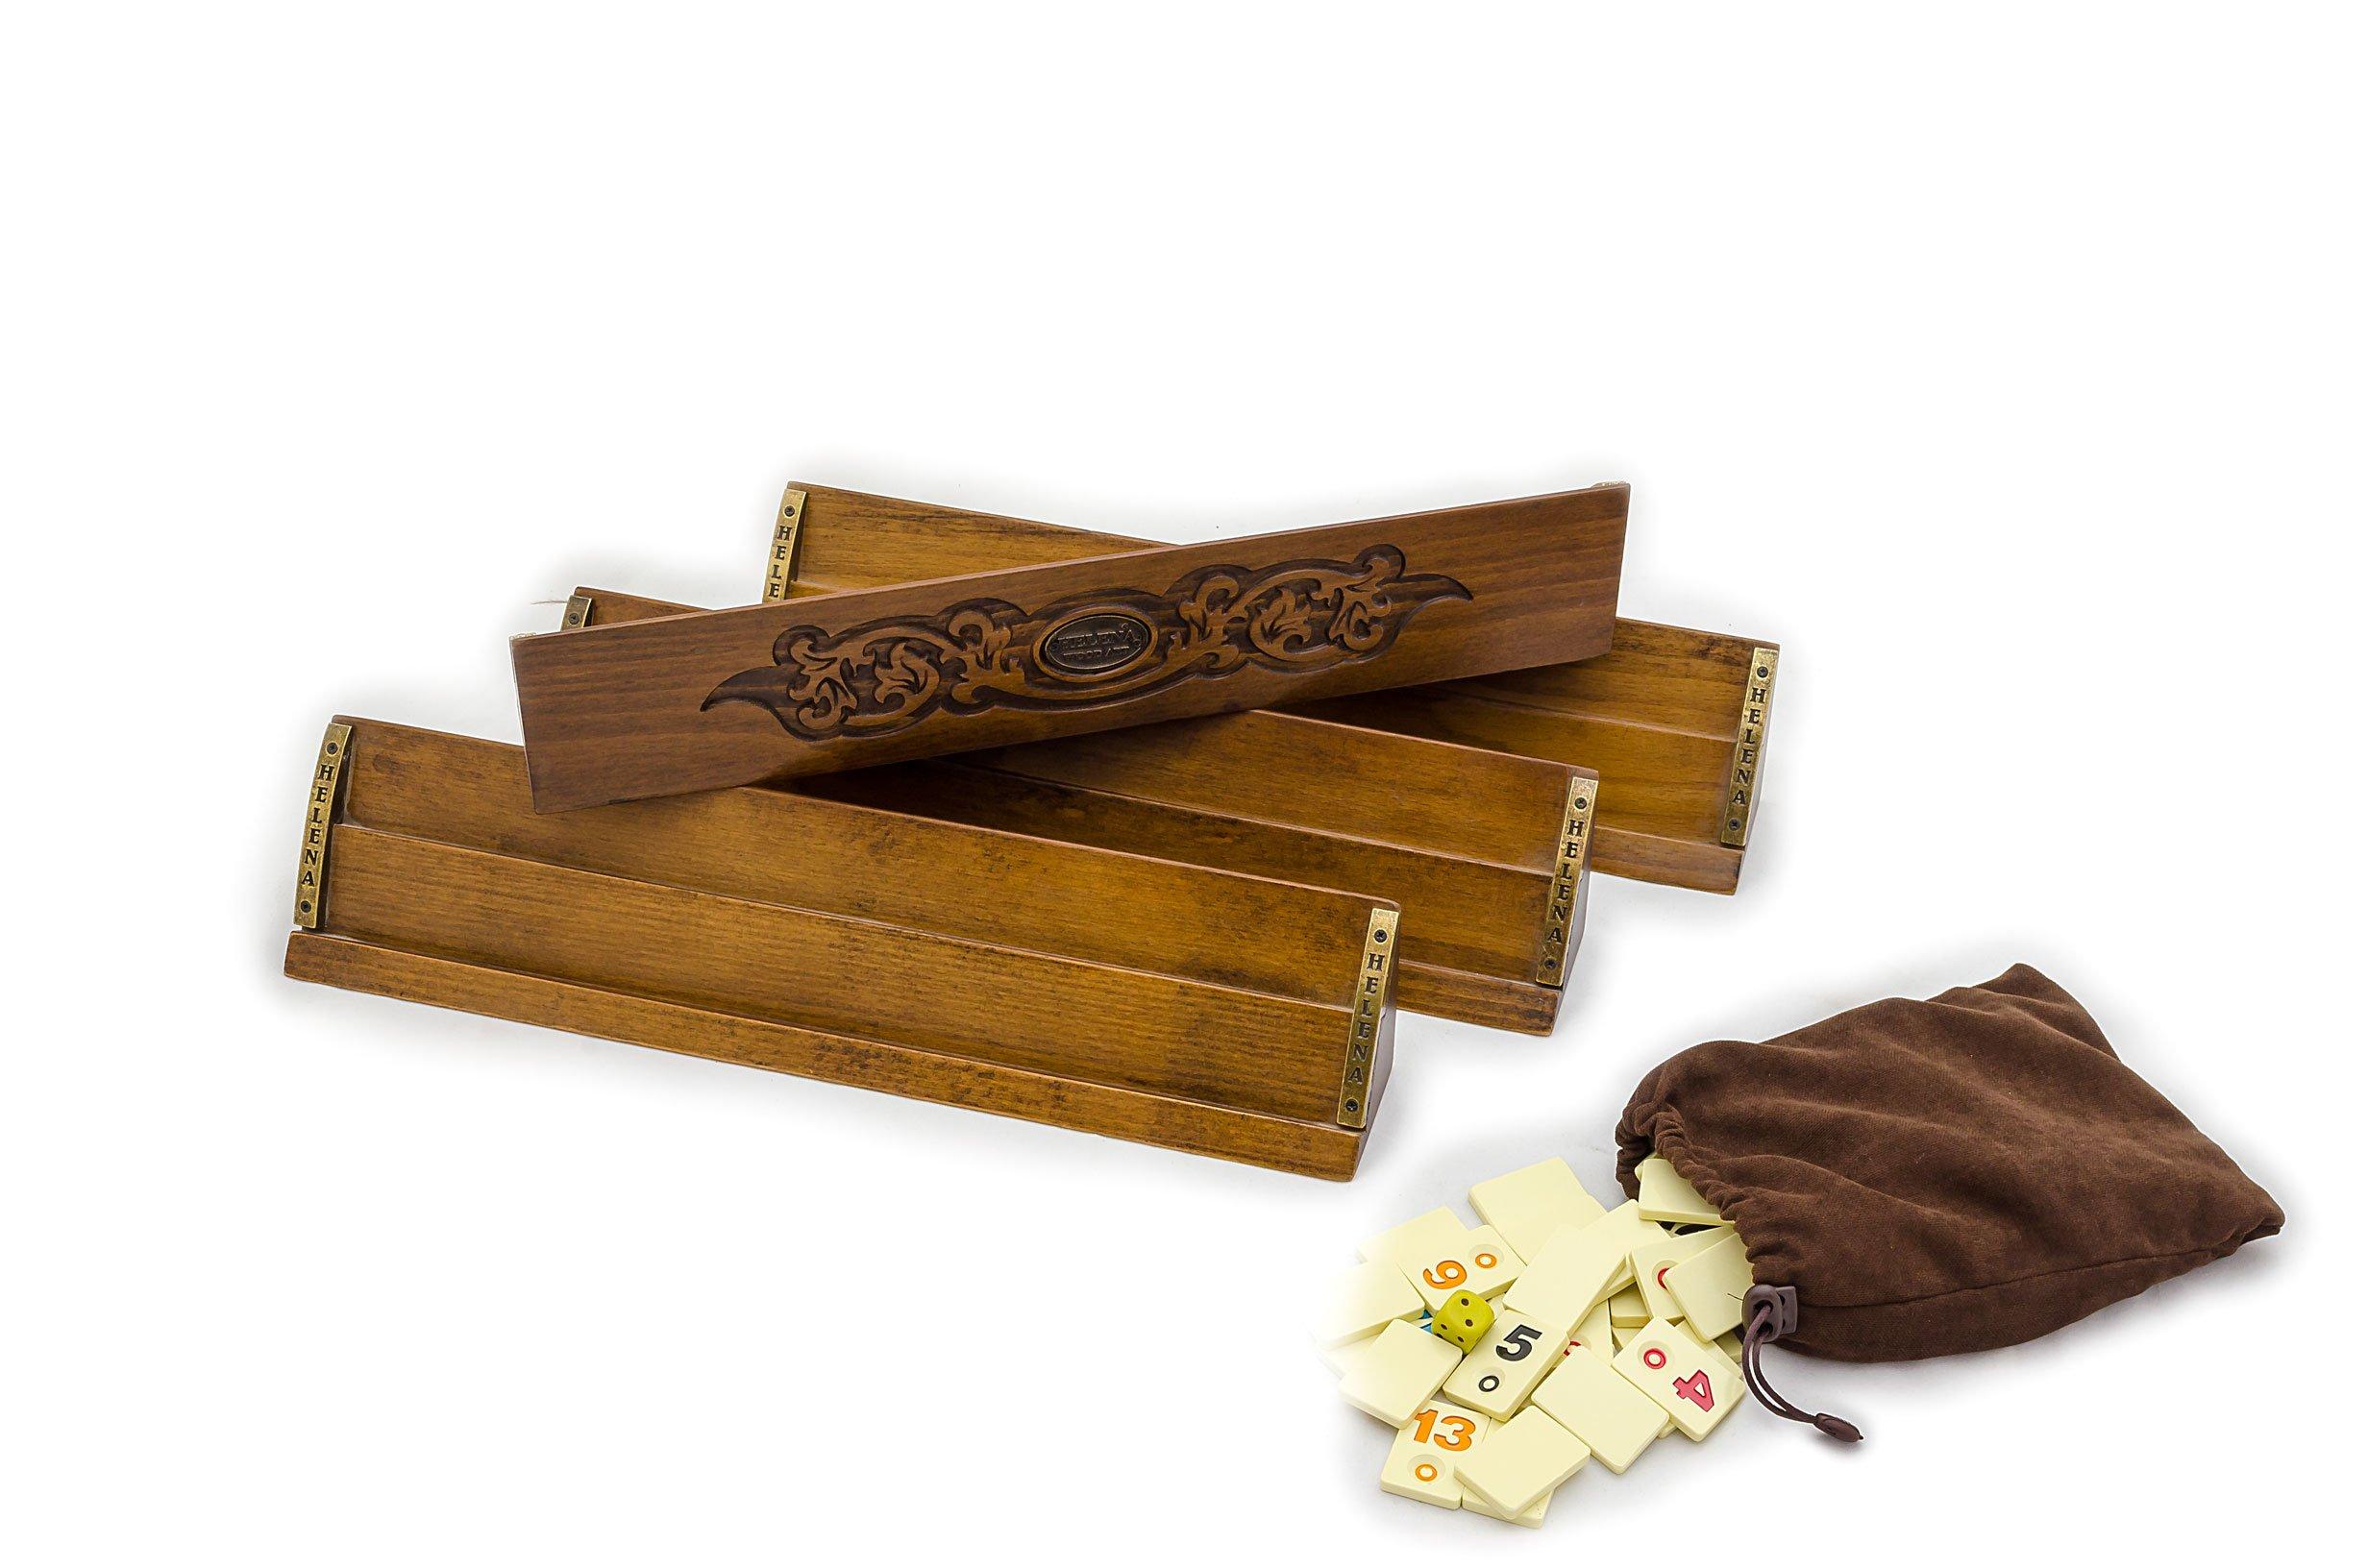 Safran Rummy Game Set - Handcarved Wooden Rummikub Cues - Tile Holders - Turkish Okey by Helena Wood Art (Image #3)